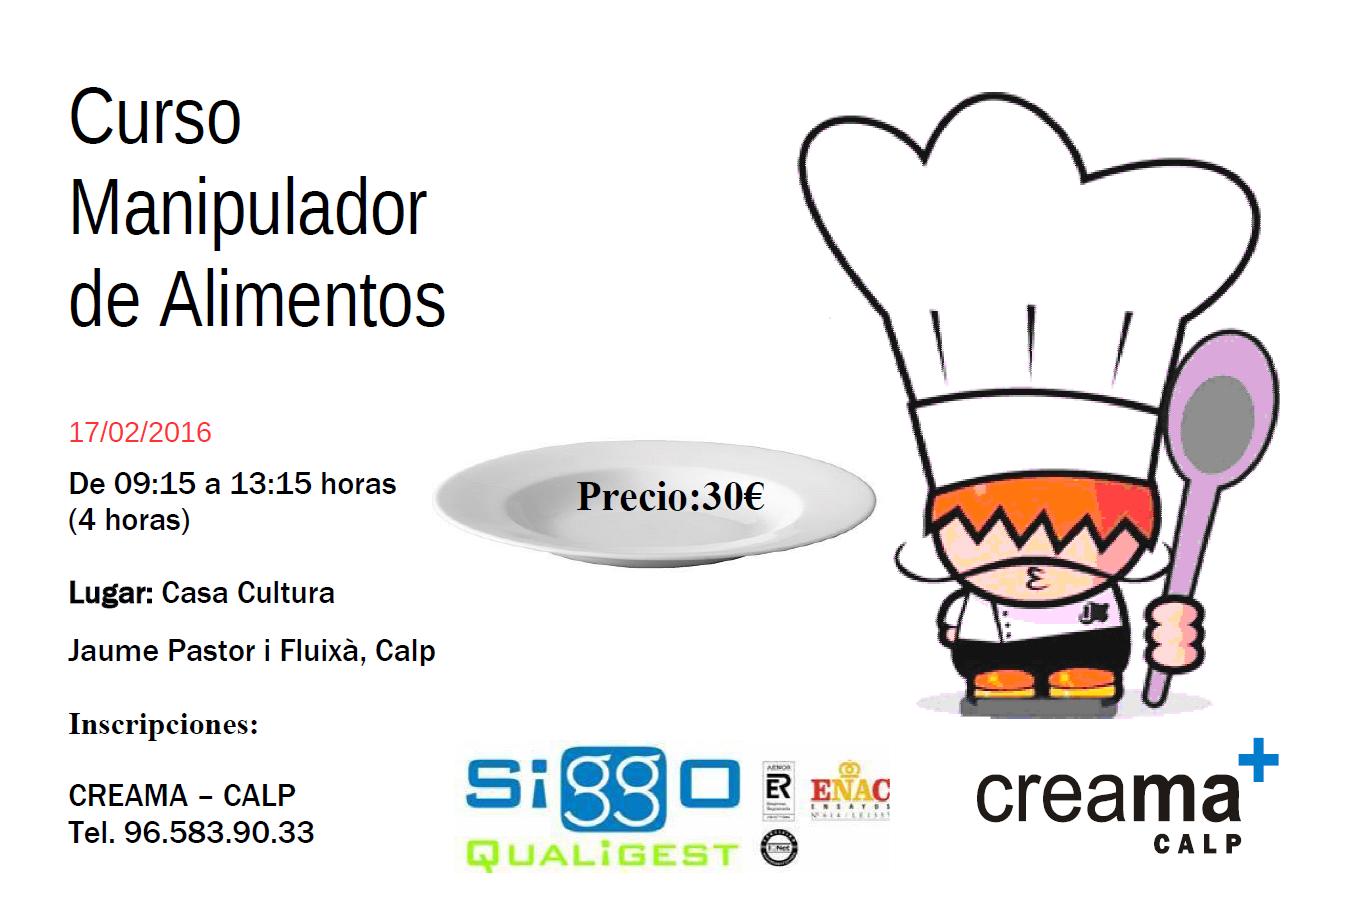 Ajuntament de calp directorio comercial de la comunitat valenciana - Www manipulador de alimentos es ...